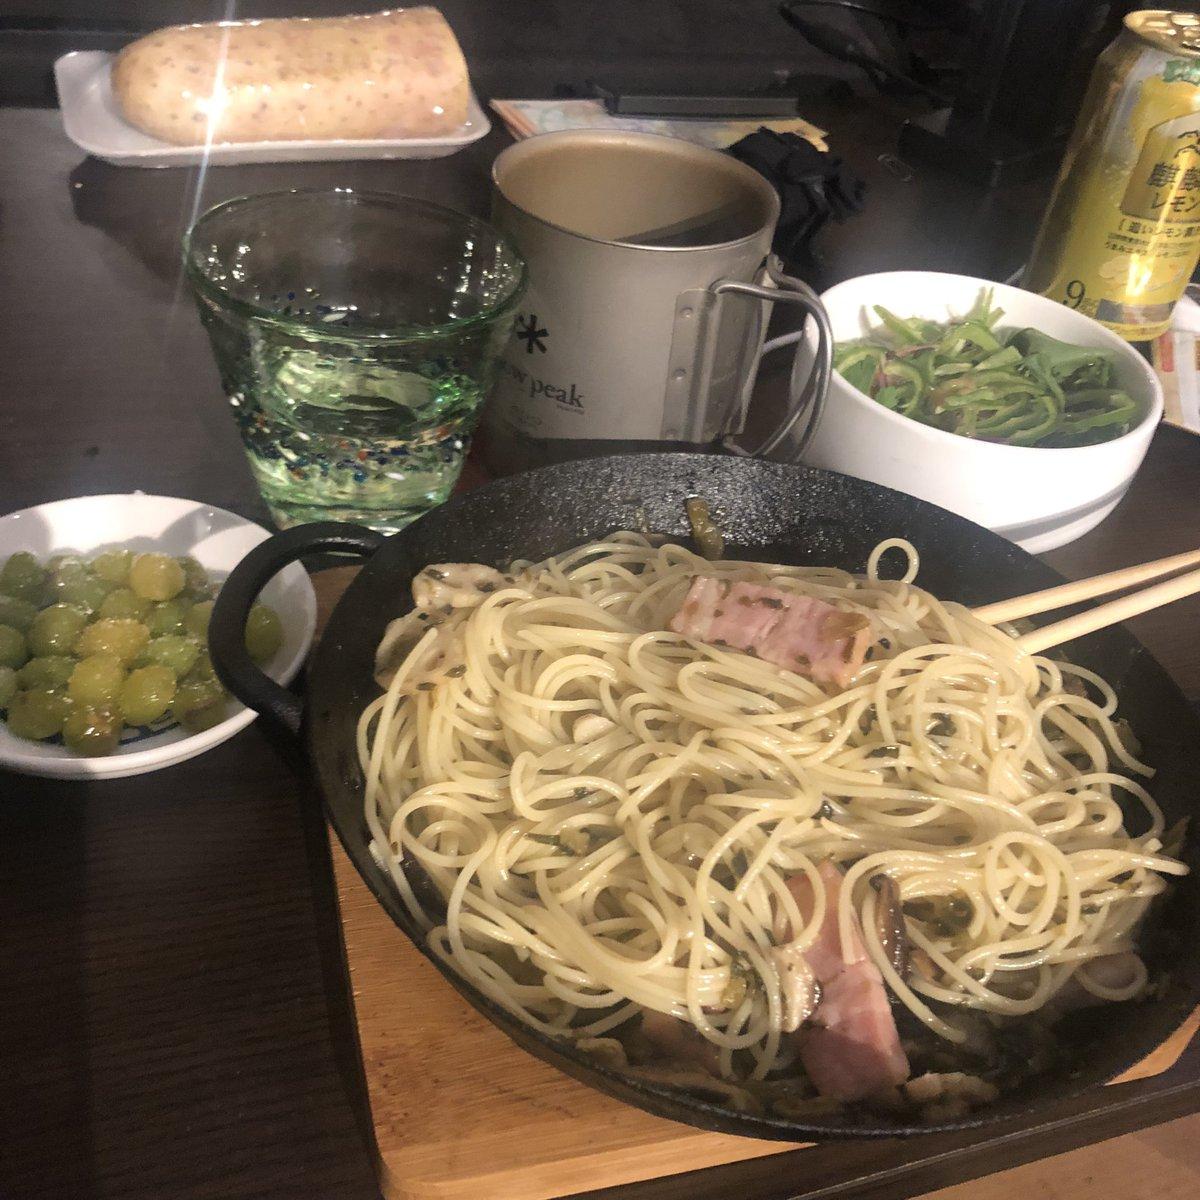 test ツイッターメディア - 高菜ベーコンのパスタにしたのでワインじゃなくあえて日本酒にしたわけさ、でパスタと日本酒は消えてしまいまして銀杏が残っているわけですよ。 そして梵はこの一杯で終了しました。次は黒龍(ブラックドラゴン)ですよね、きっと。 https://t.co/5d922DbNyE